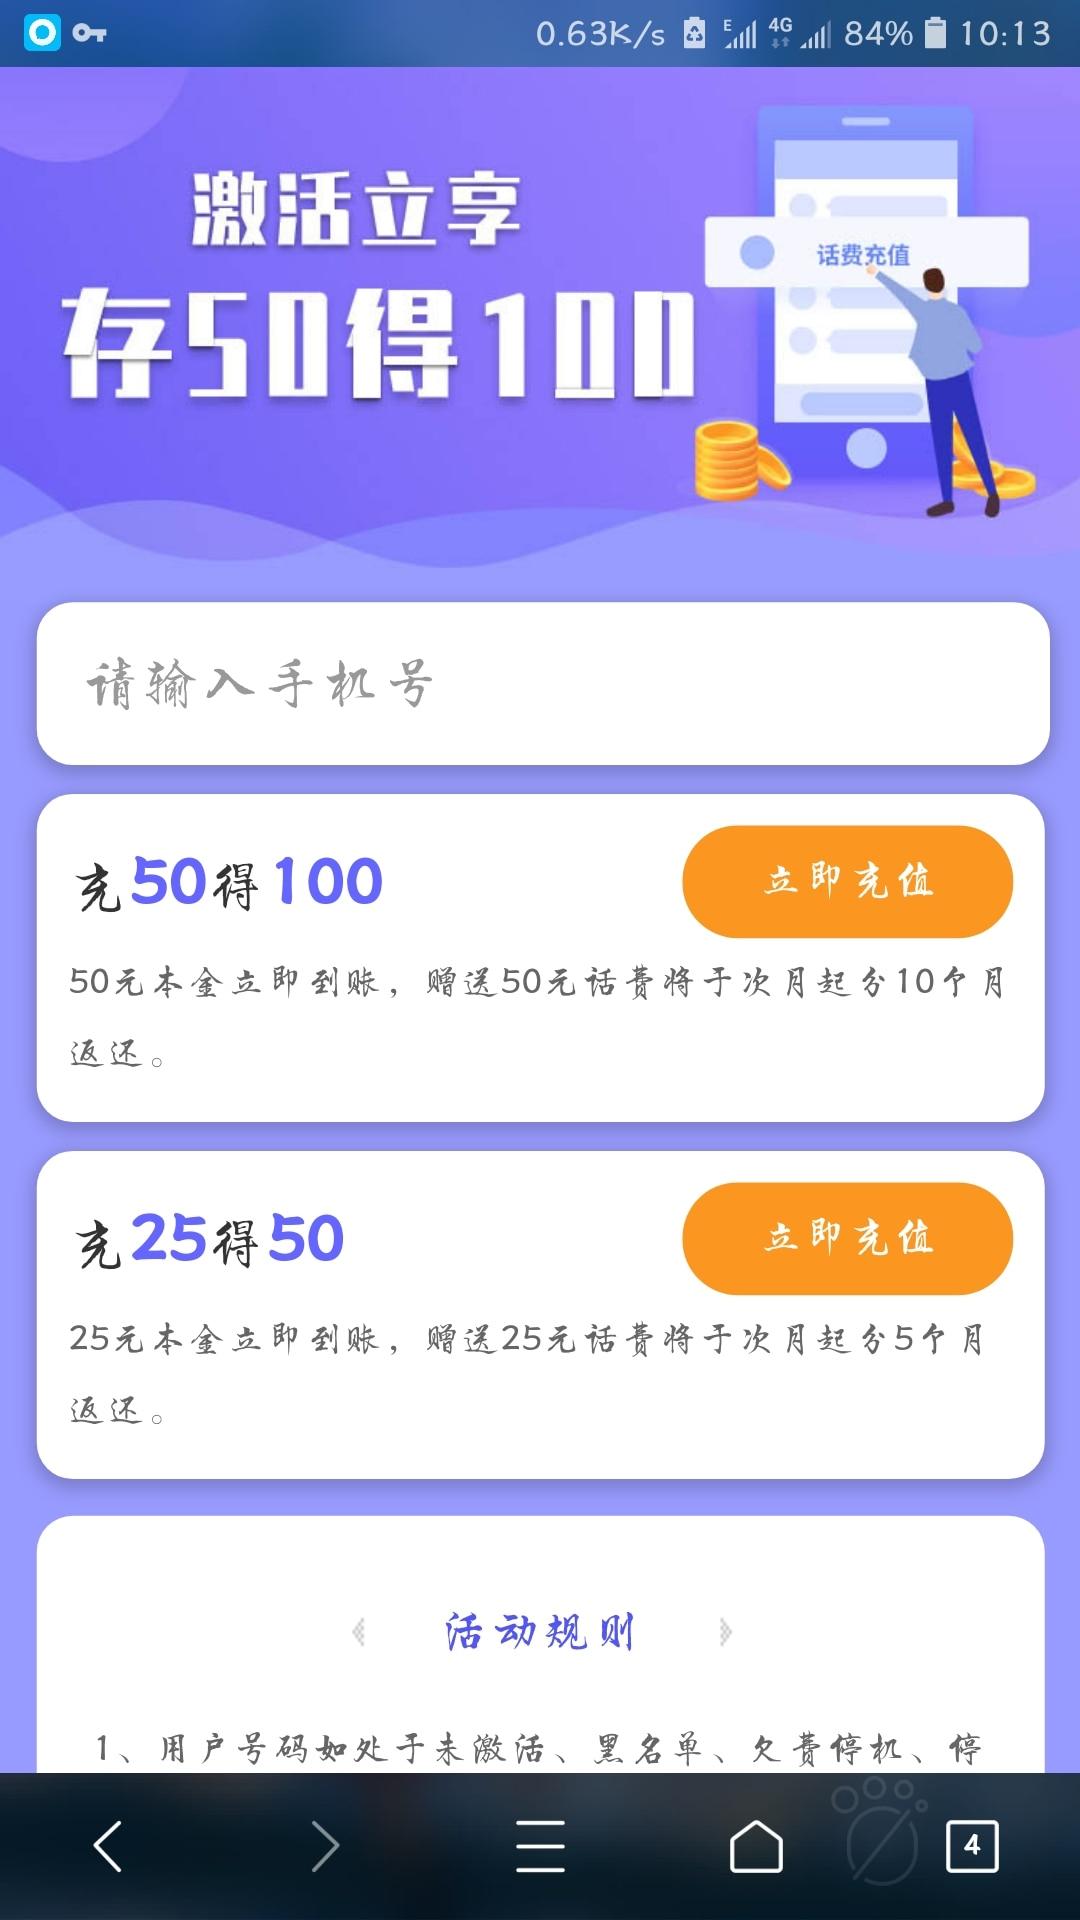 中国电信充50元得100元话费活动